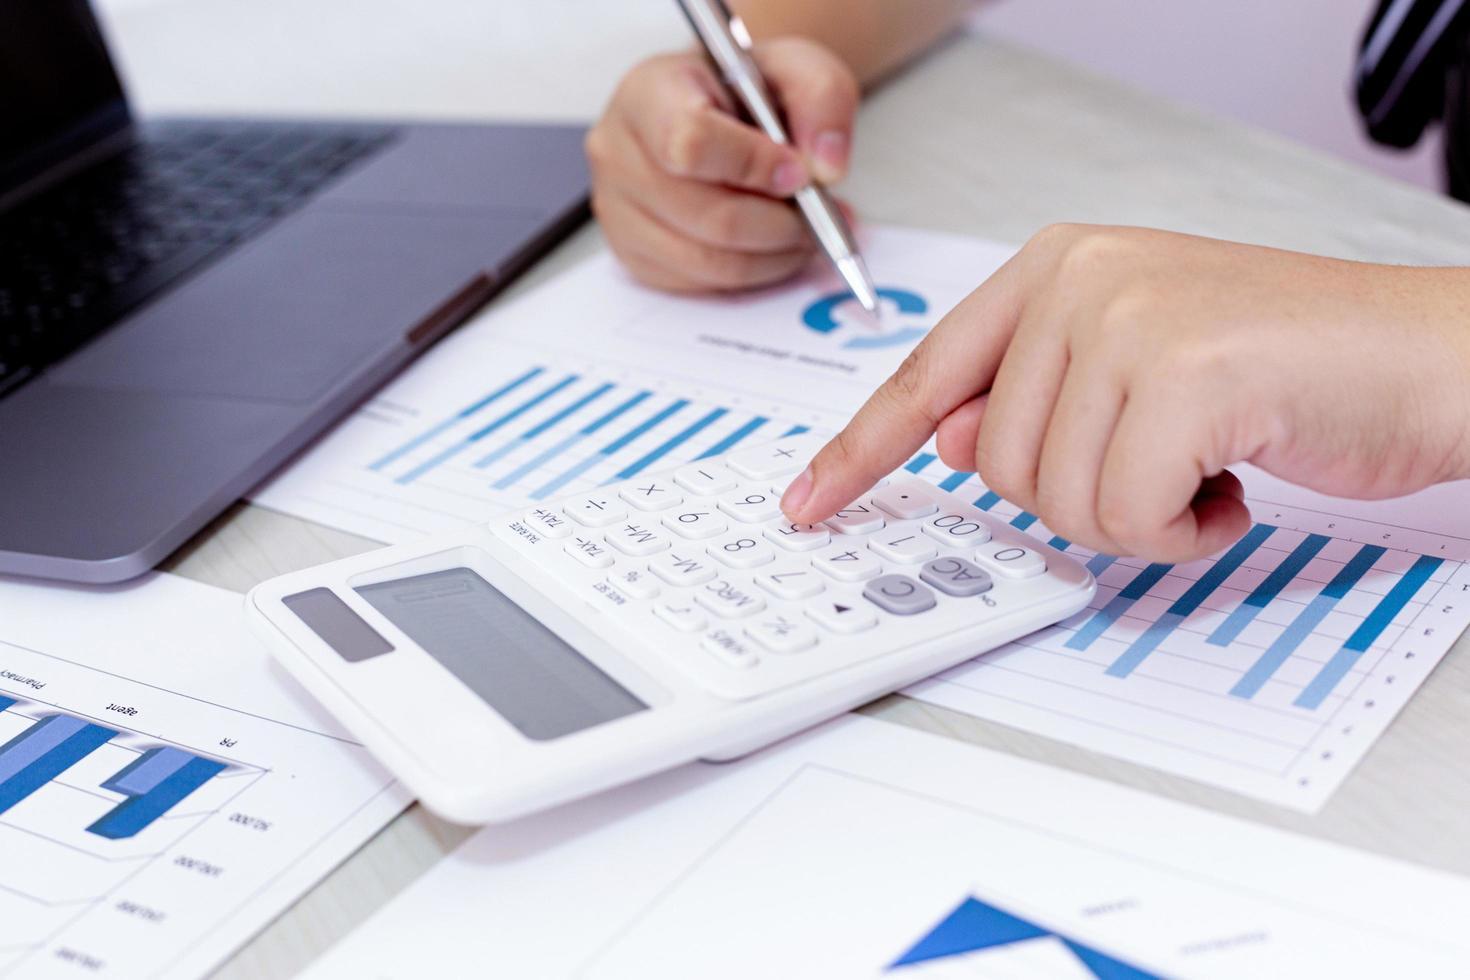 bedrijfspersoon gebruikt rekenmachine om financiële gegevens op het werk te analyseren foto